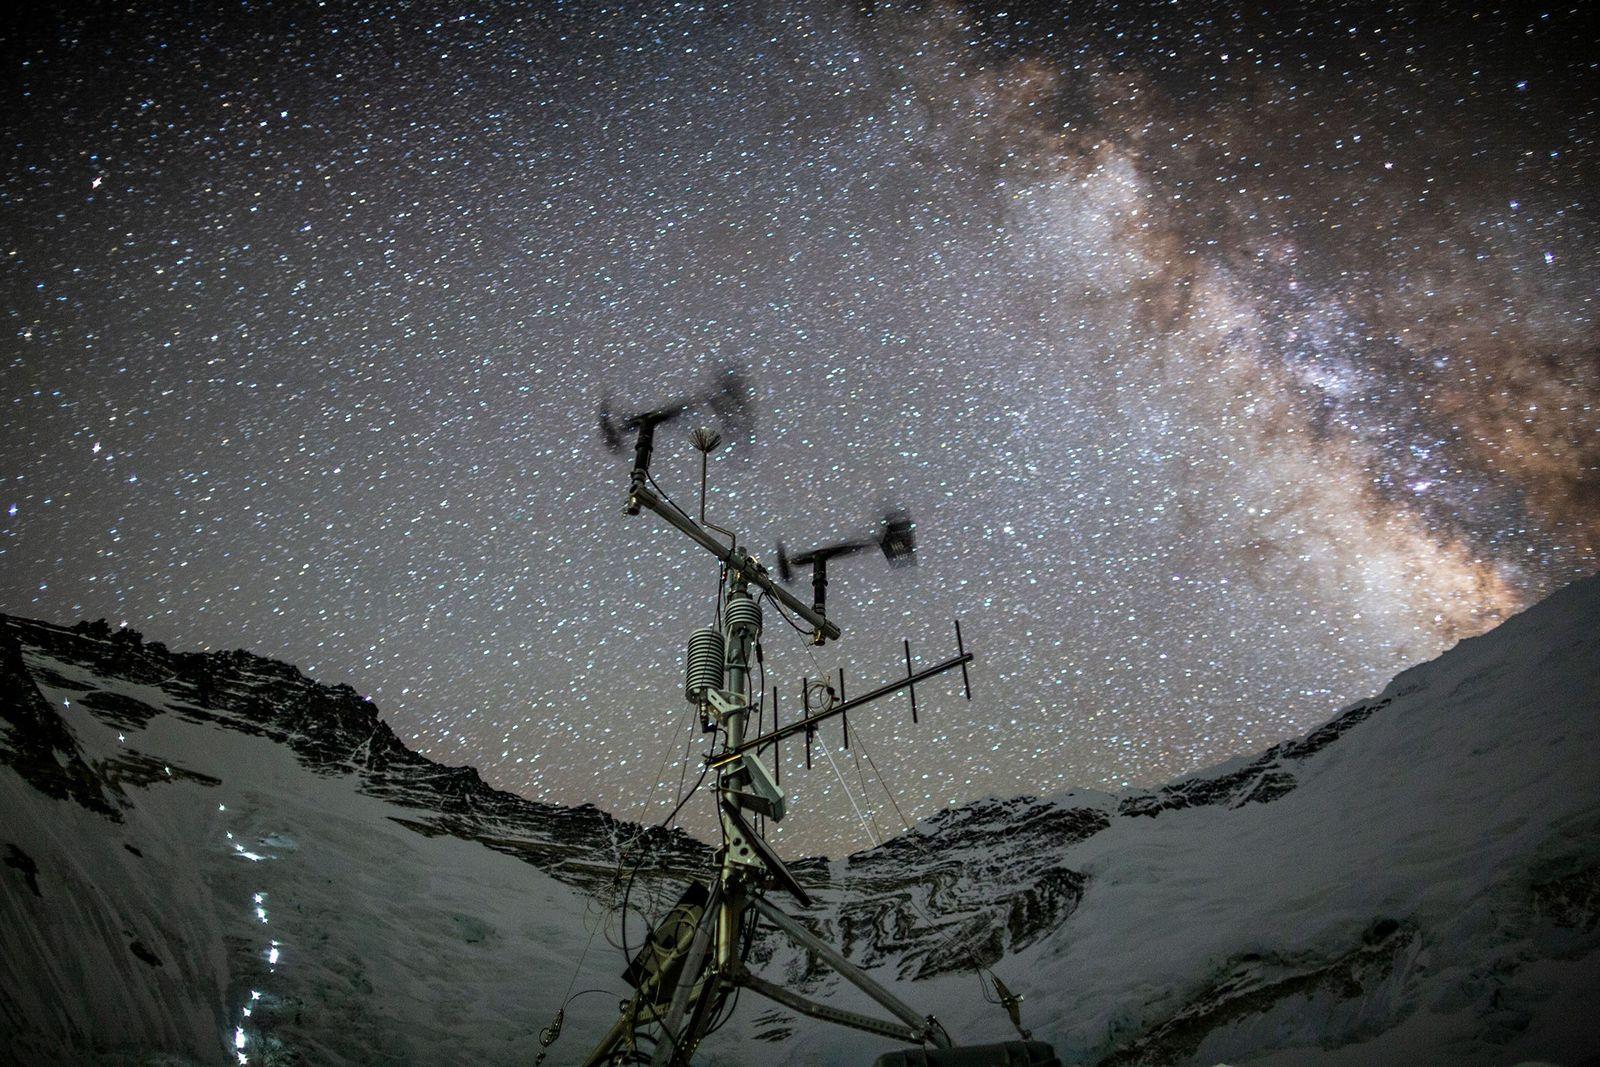 Les scientifiques ont installé des stations météorologiques sur l'Everest, dont celle-ci au camp n°2, afin de ...